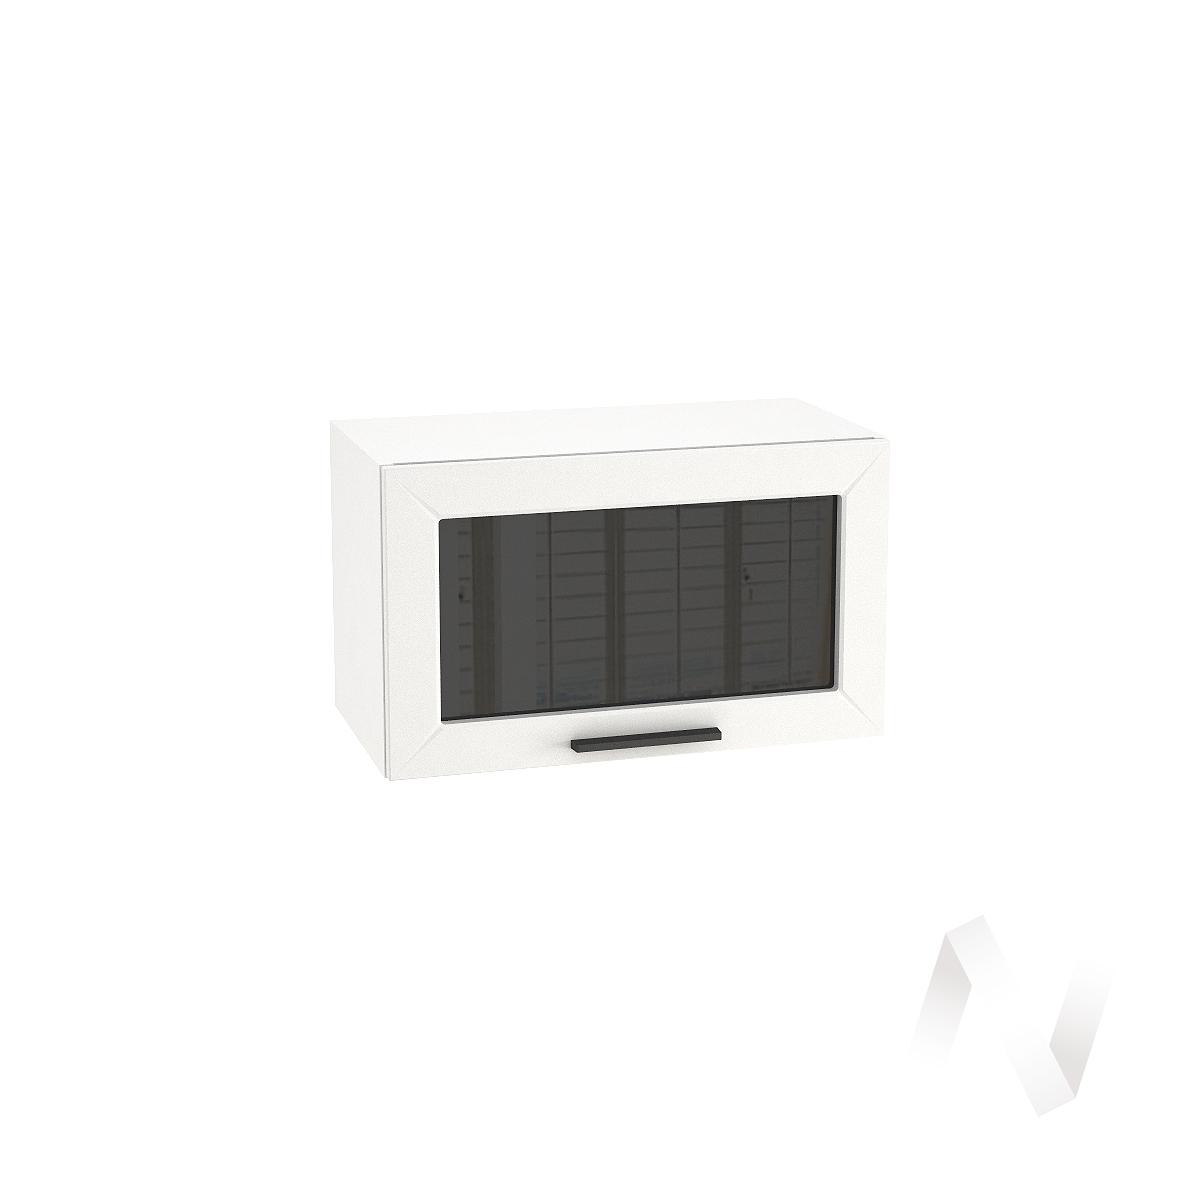 """Кухня """"Глетчер"""": Шкаф верхний горизонтальный со стеклом 600, ШВГС 600 (Айленд силк/корпус белый)"""